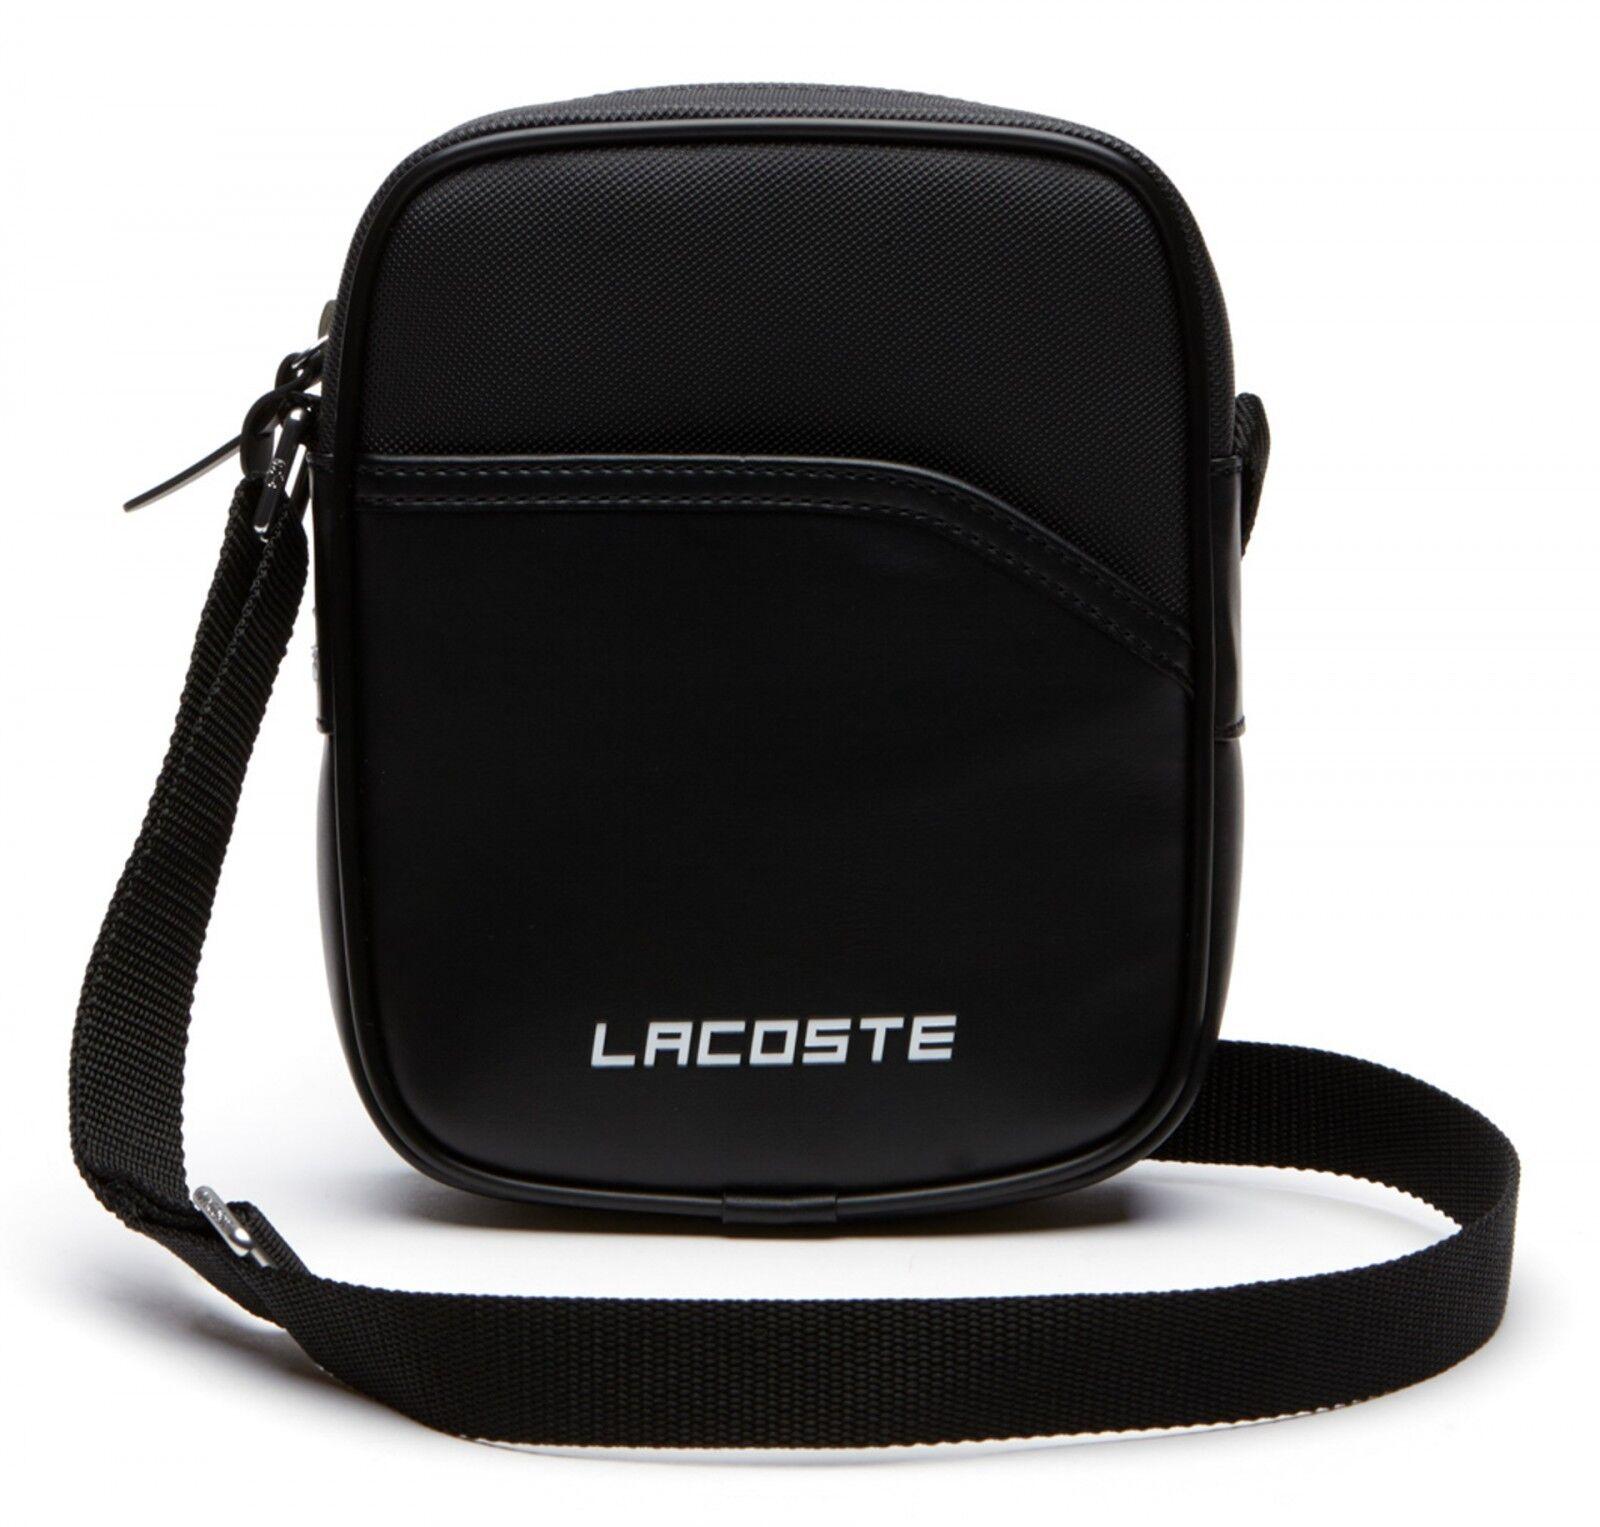 LACOSTE Ultimum Grünical Camera Bag Umhängetasche Tasche Peacoat Neu | Ausgezeichnet  | Erste in seiner Klasse  | Schönes Design